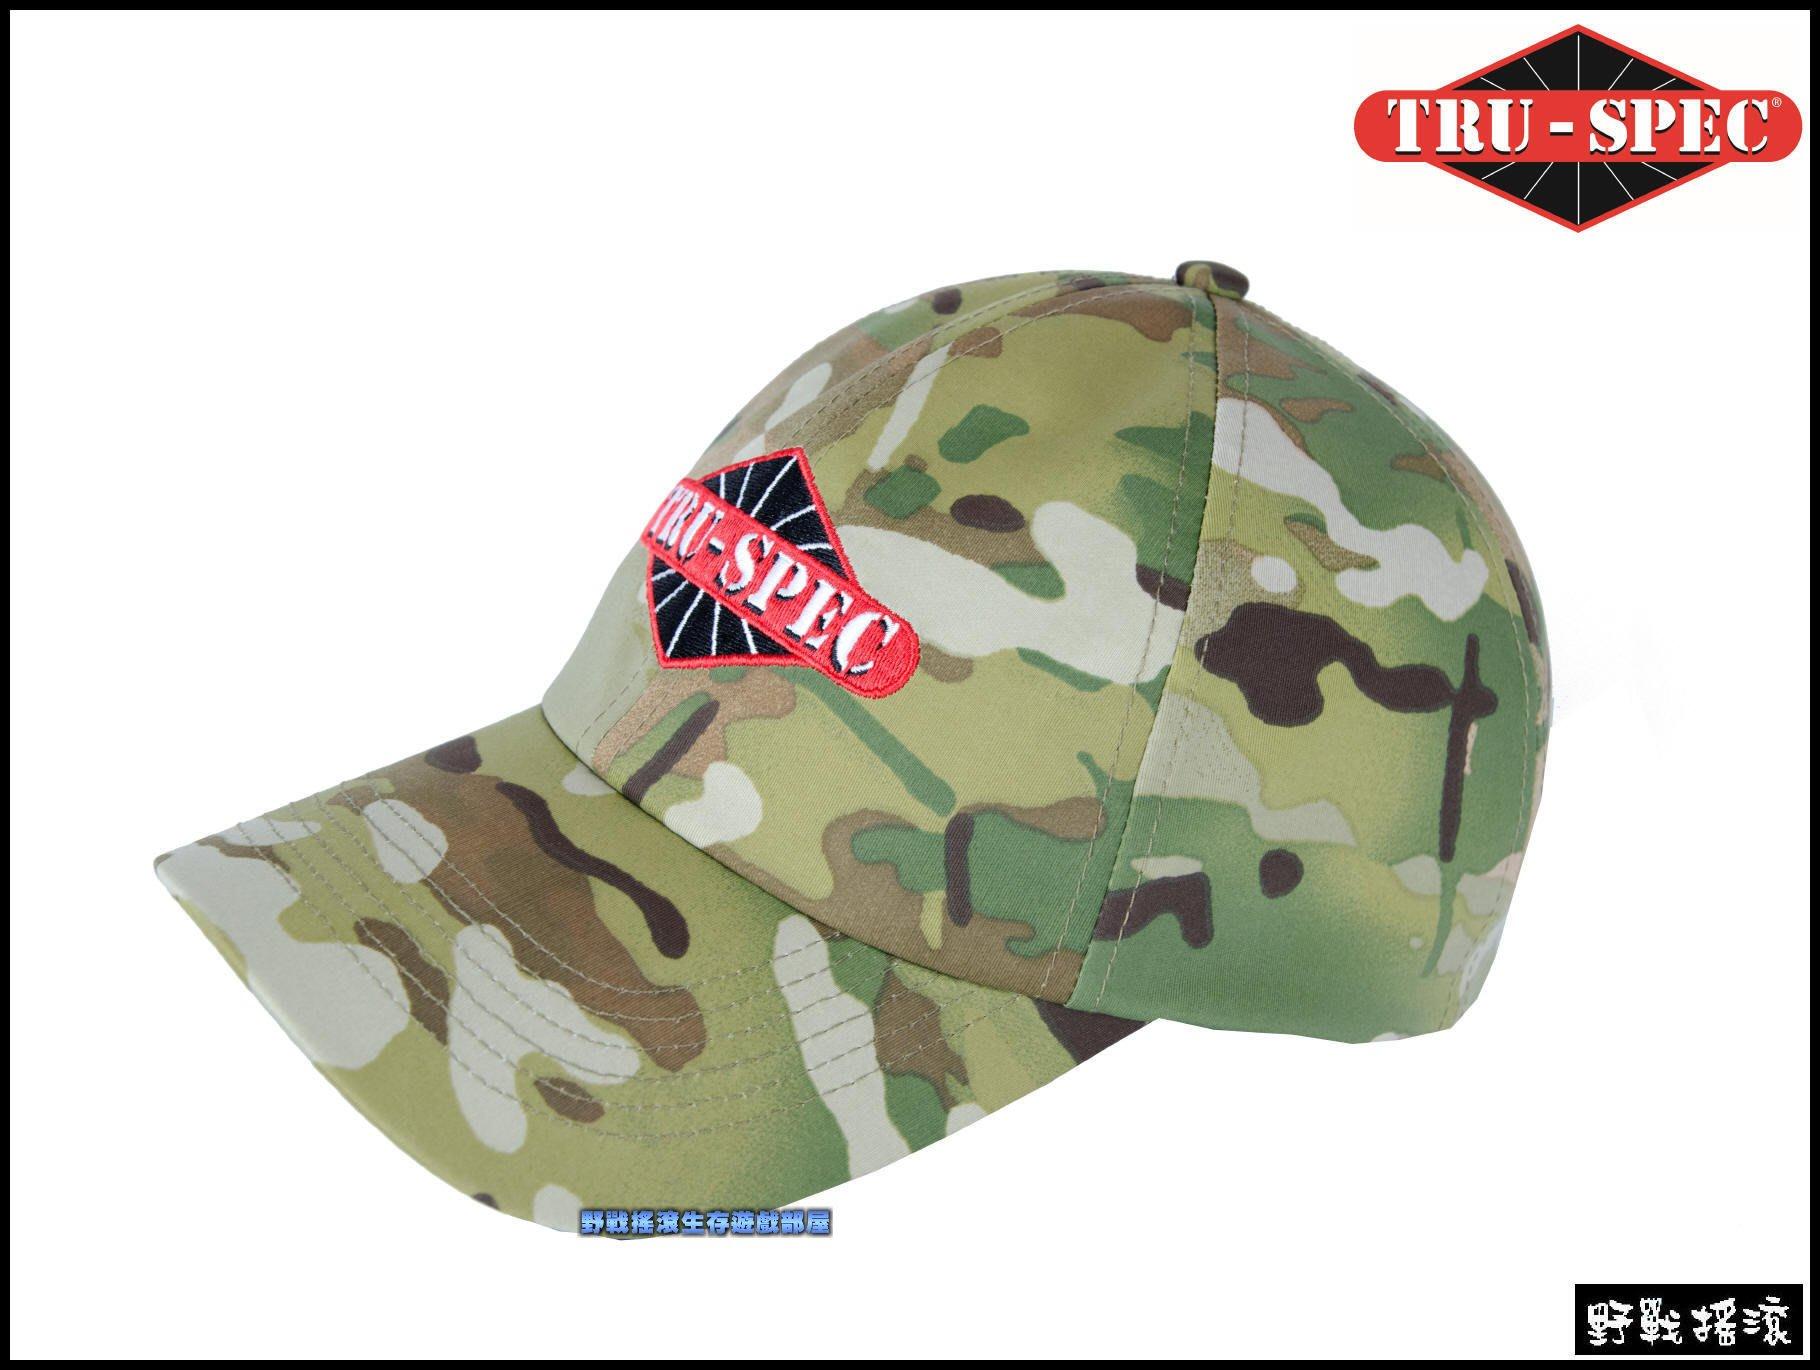 【野戰搖滾-生存遊戲】美國 TRU-SPEC LOGO戰術棒球帽【MultiCam】多地形迷彩小帽CP迷彩帽軍帽